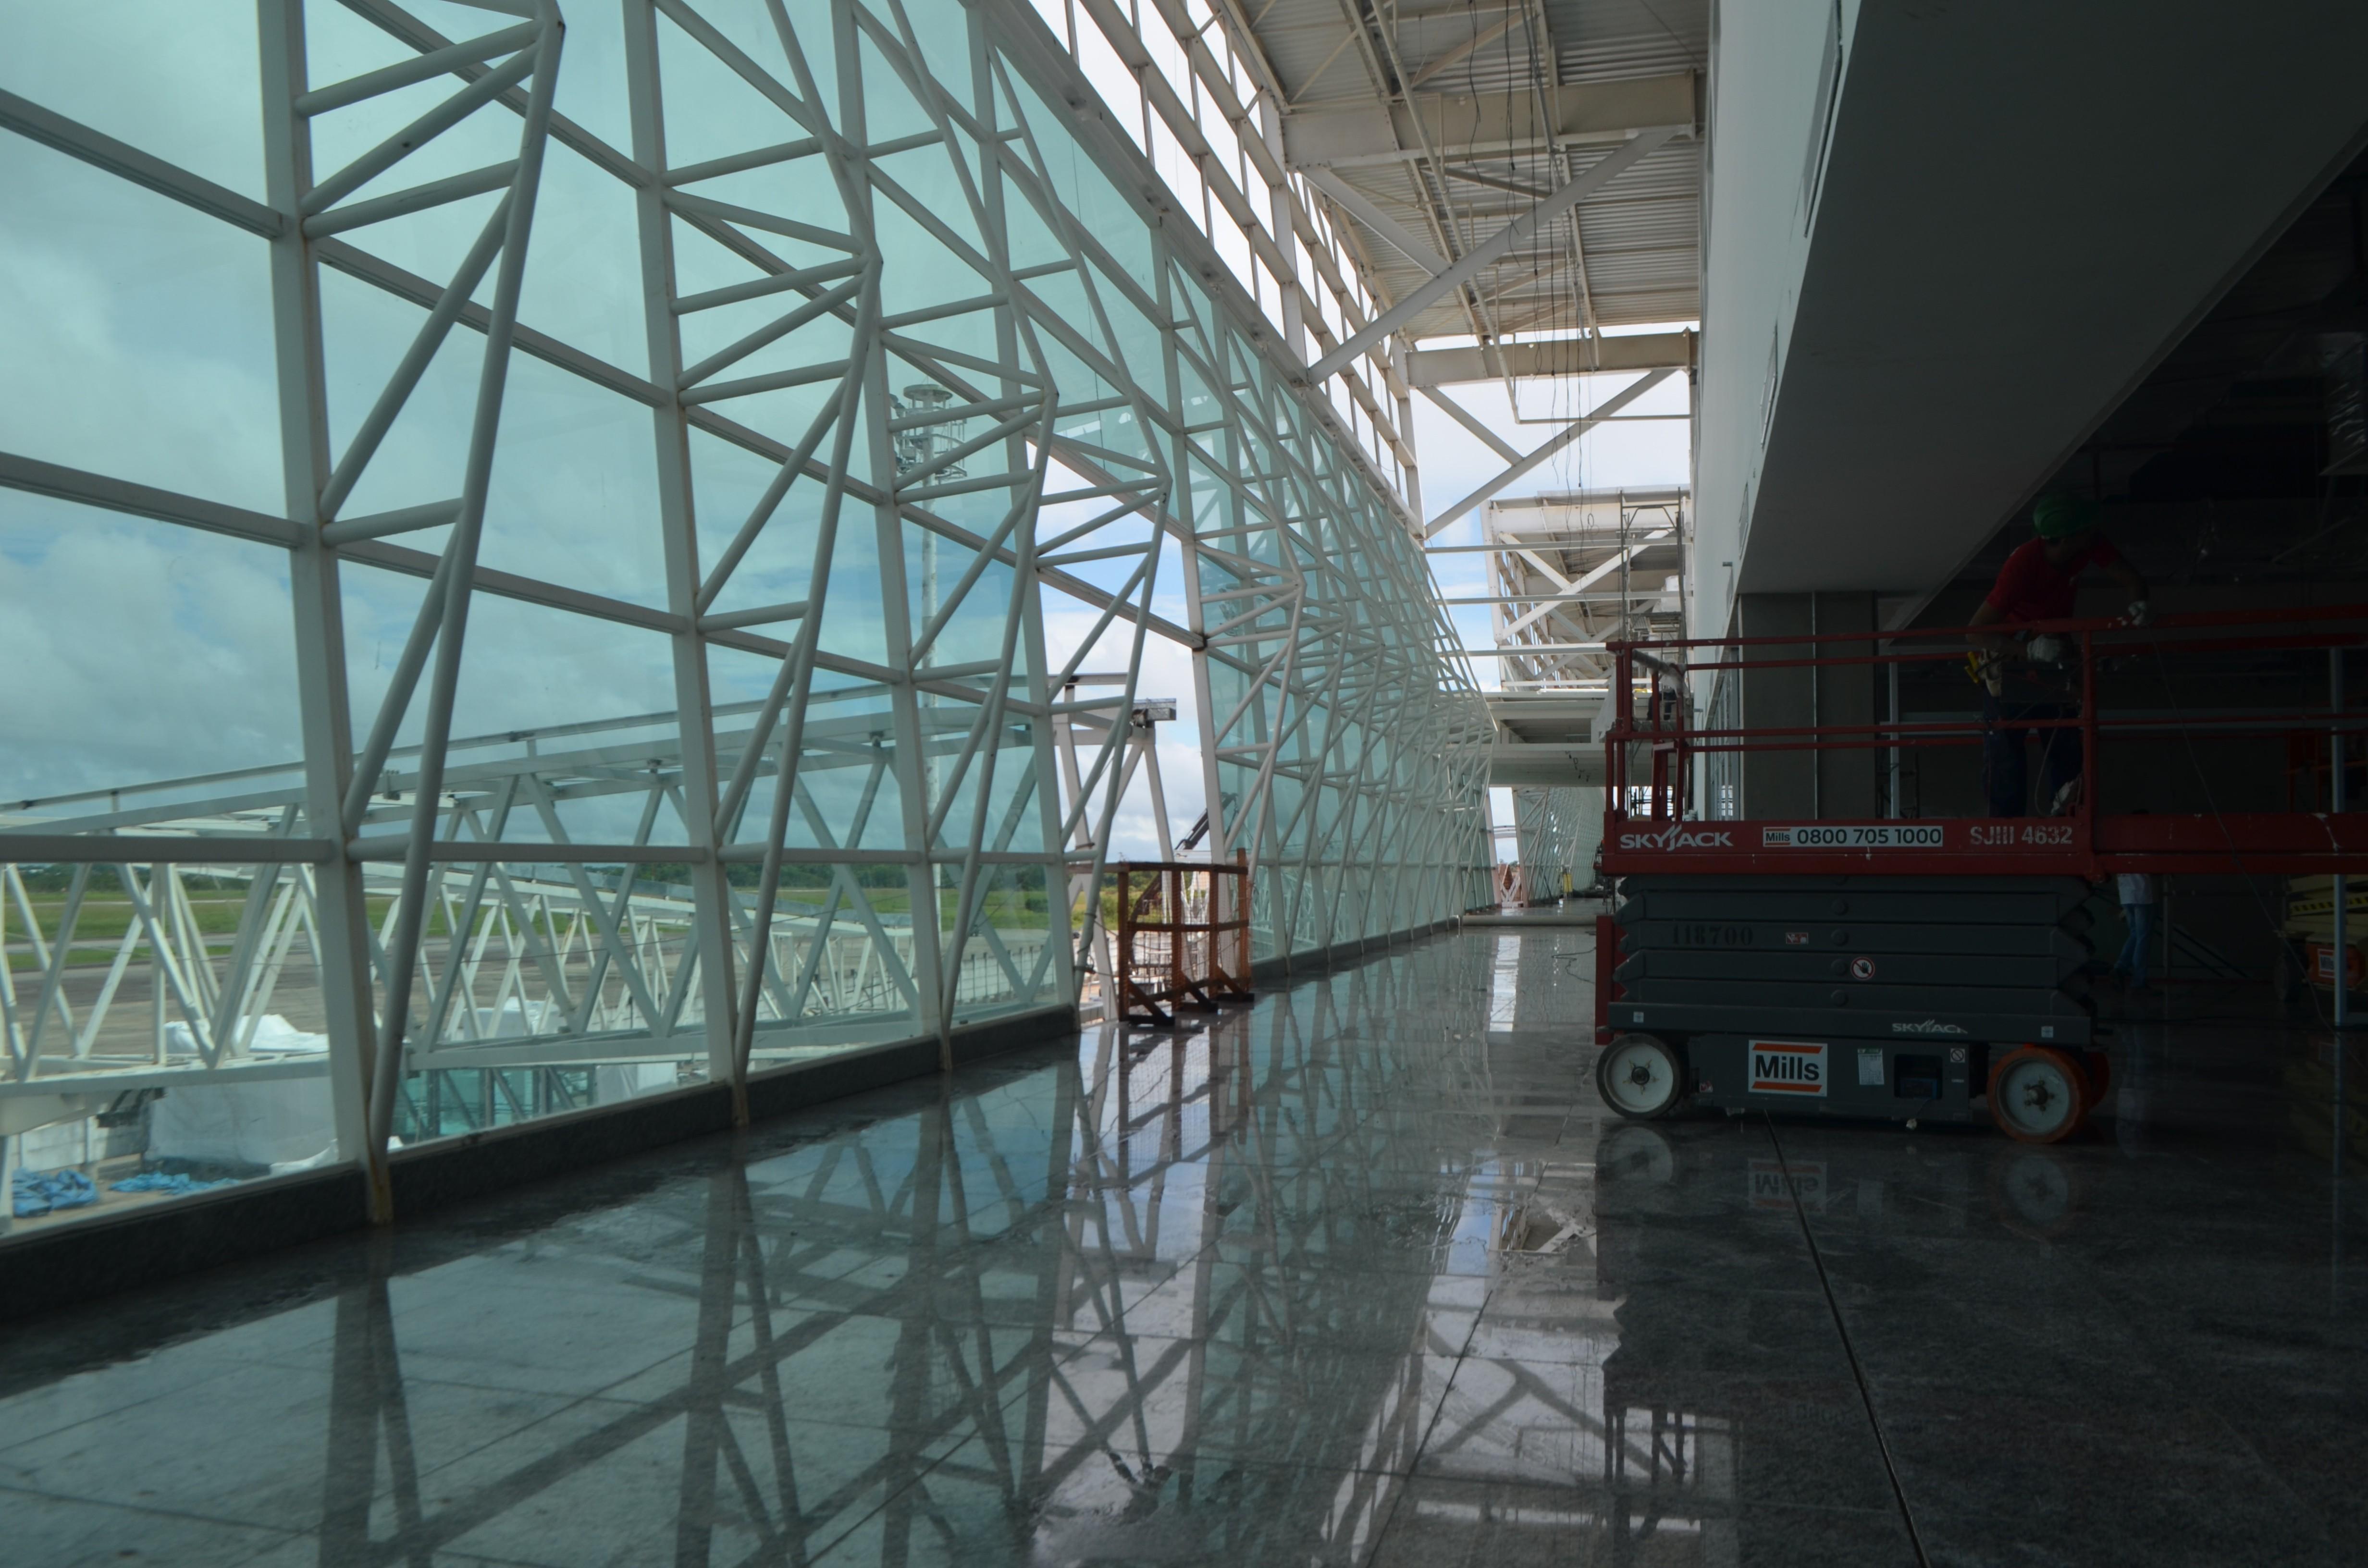 Iniciada há 15 anos, obras do novo aeroporto de Macapá estão 92% concluídas - Noticias